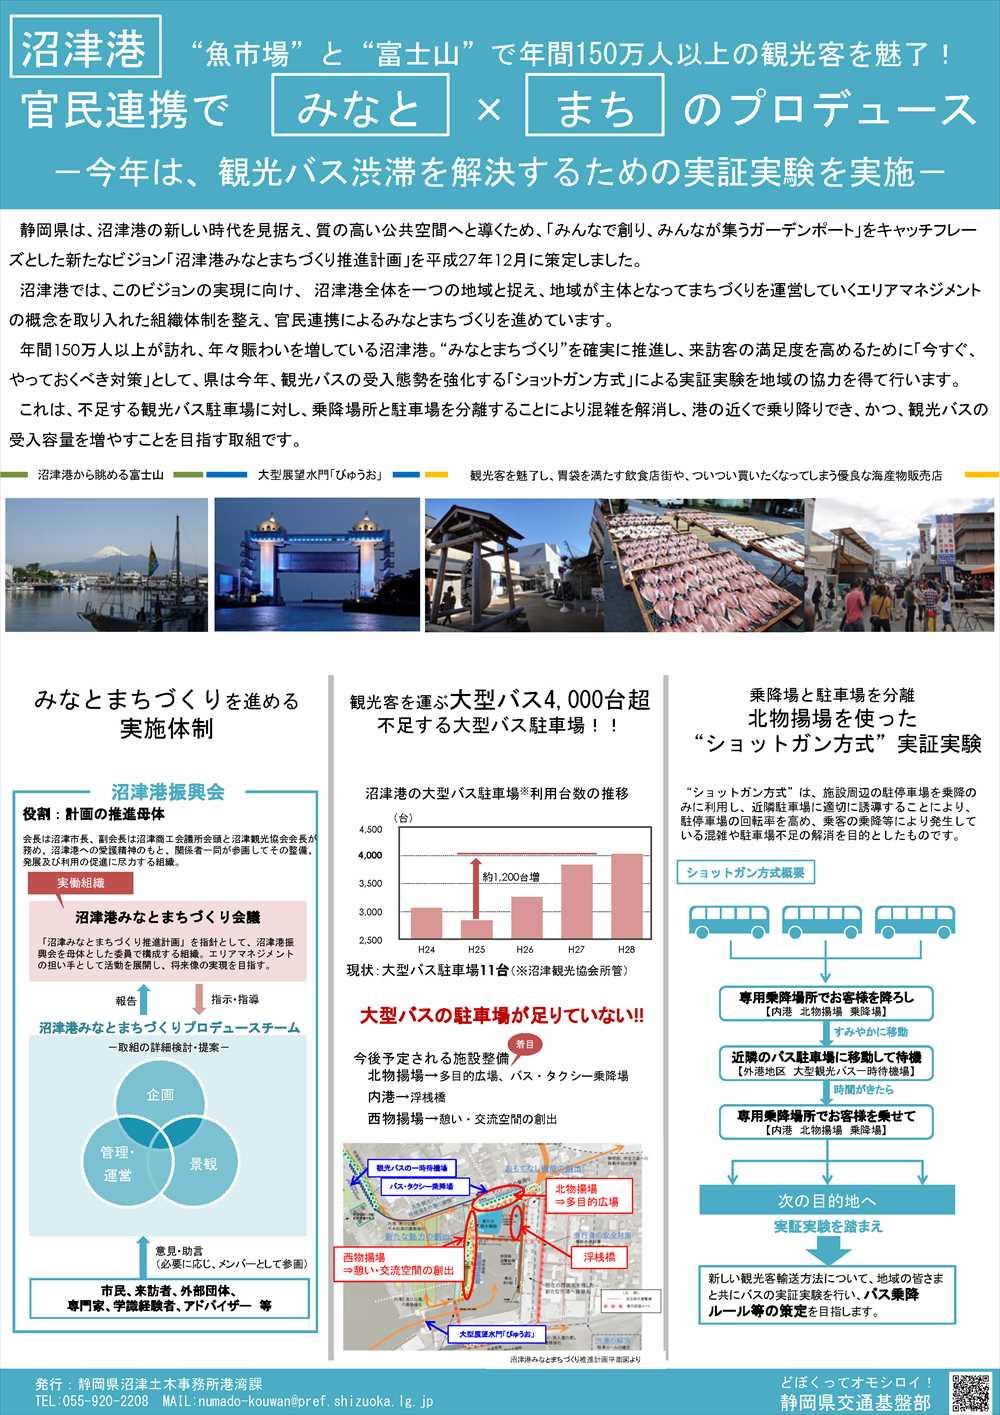 沼津港観光バス駐車場運用実証実験 ご協力のお願い